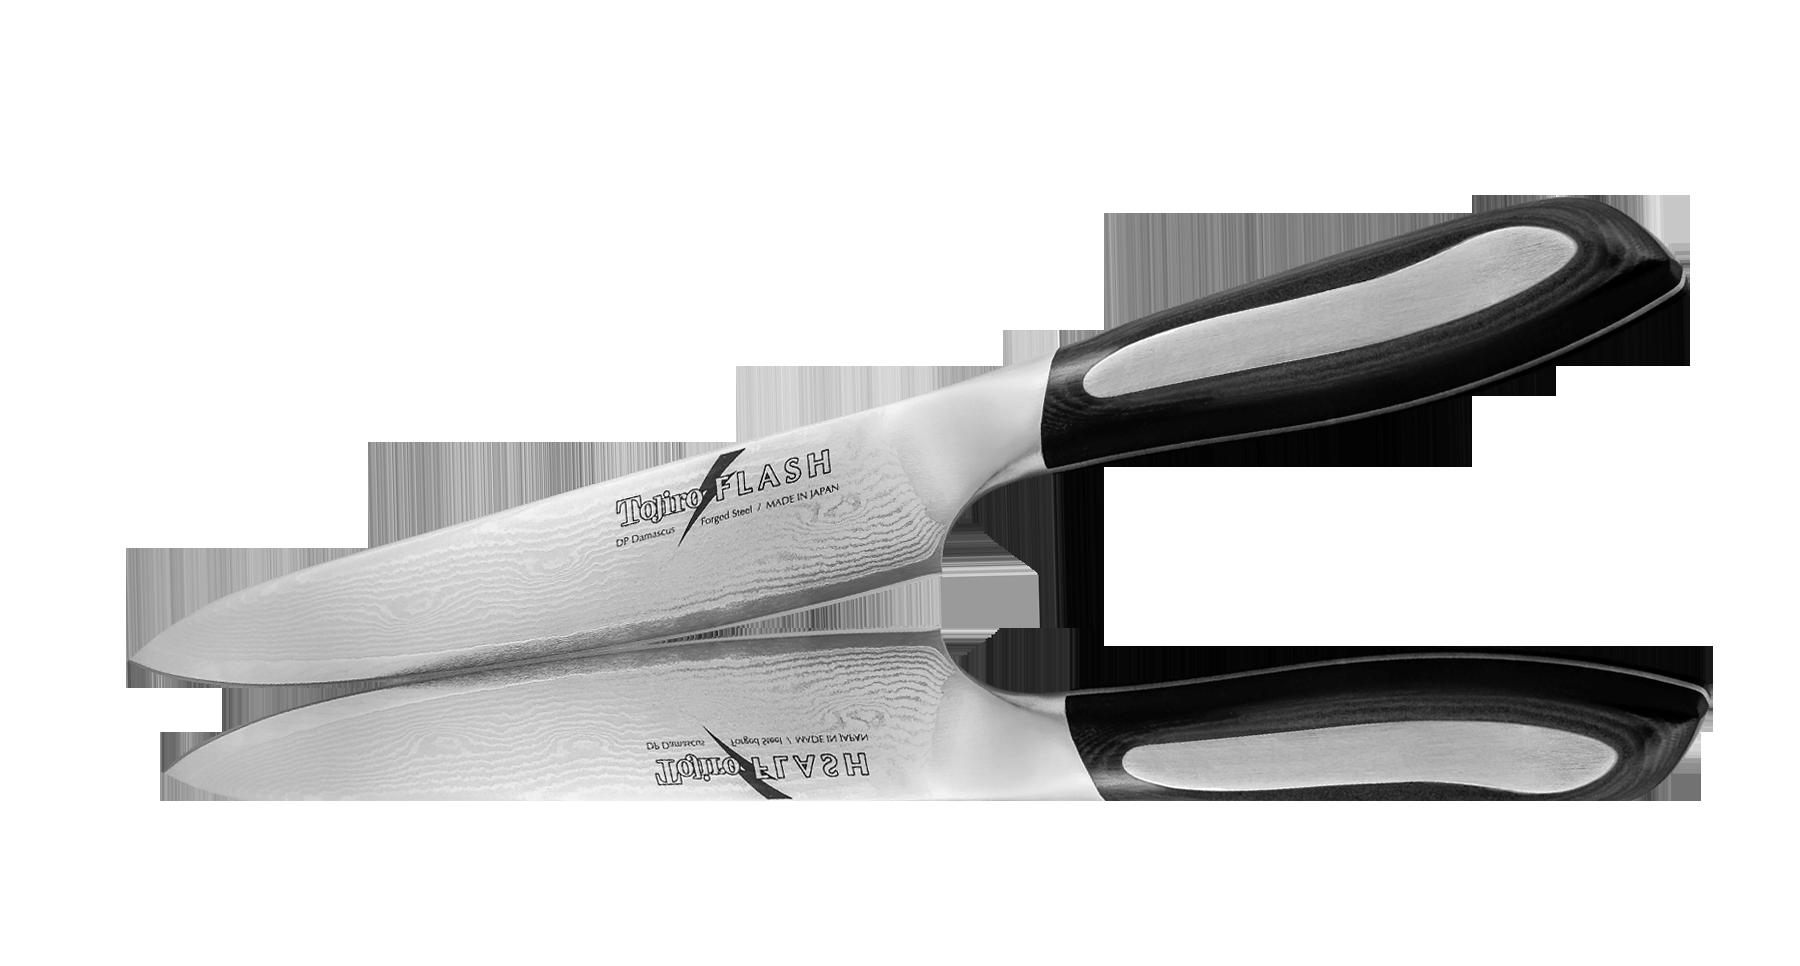 Нож Универсальный Tojiro Flash 150 мм, сталь VG-10 душевой трап pestan square 3 150 мм 13000007